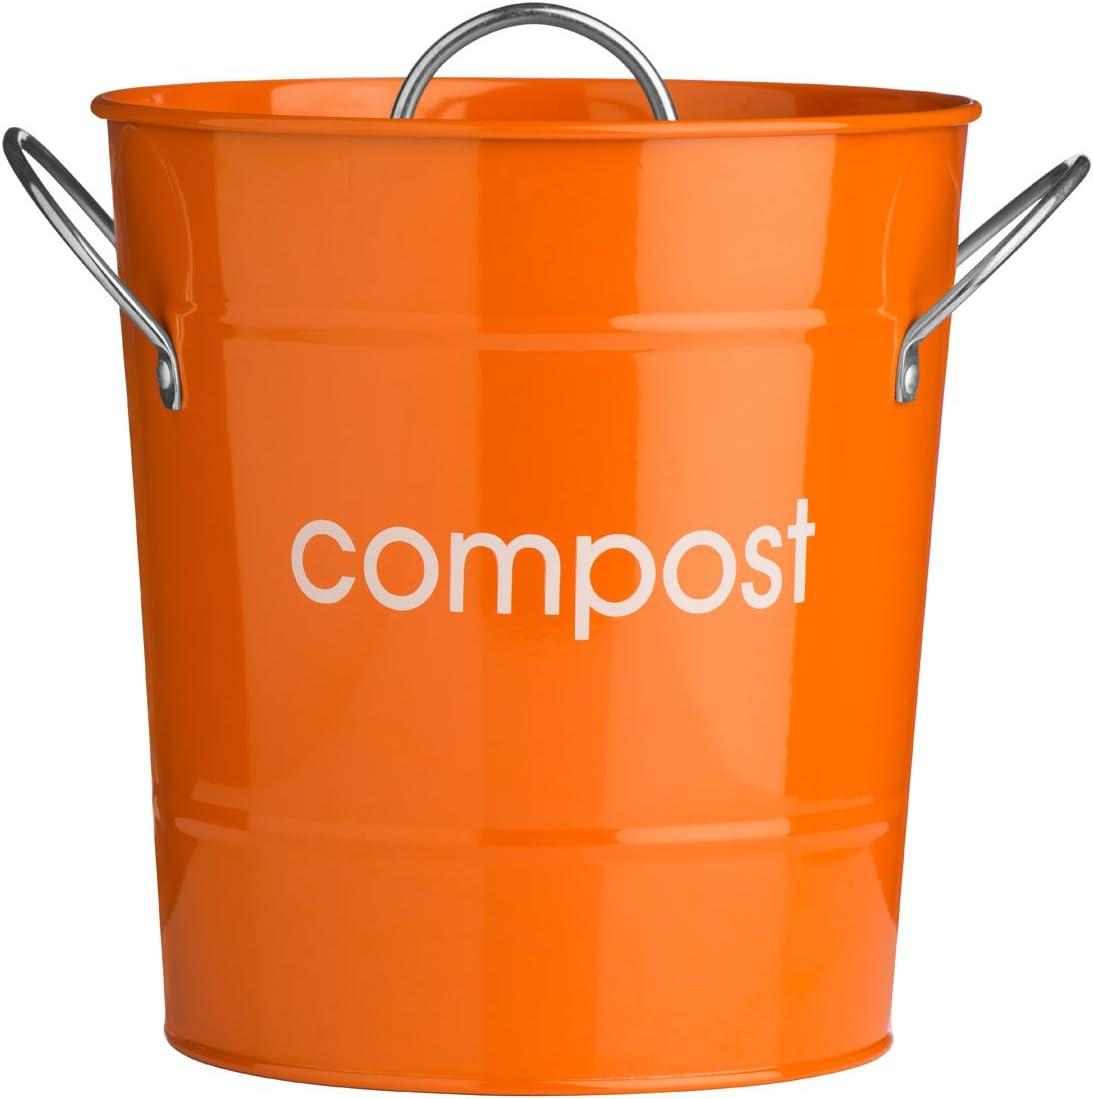 Color naranja de acero galvanizado para compostaje con cubo interior de plástico: Amazon.es: Hogar